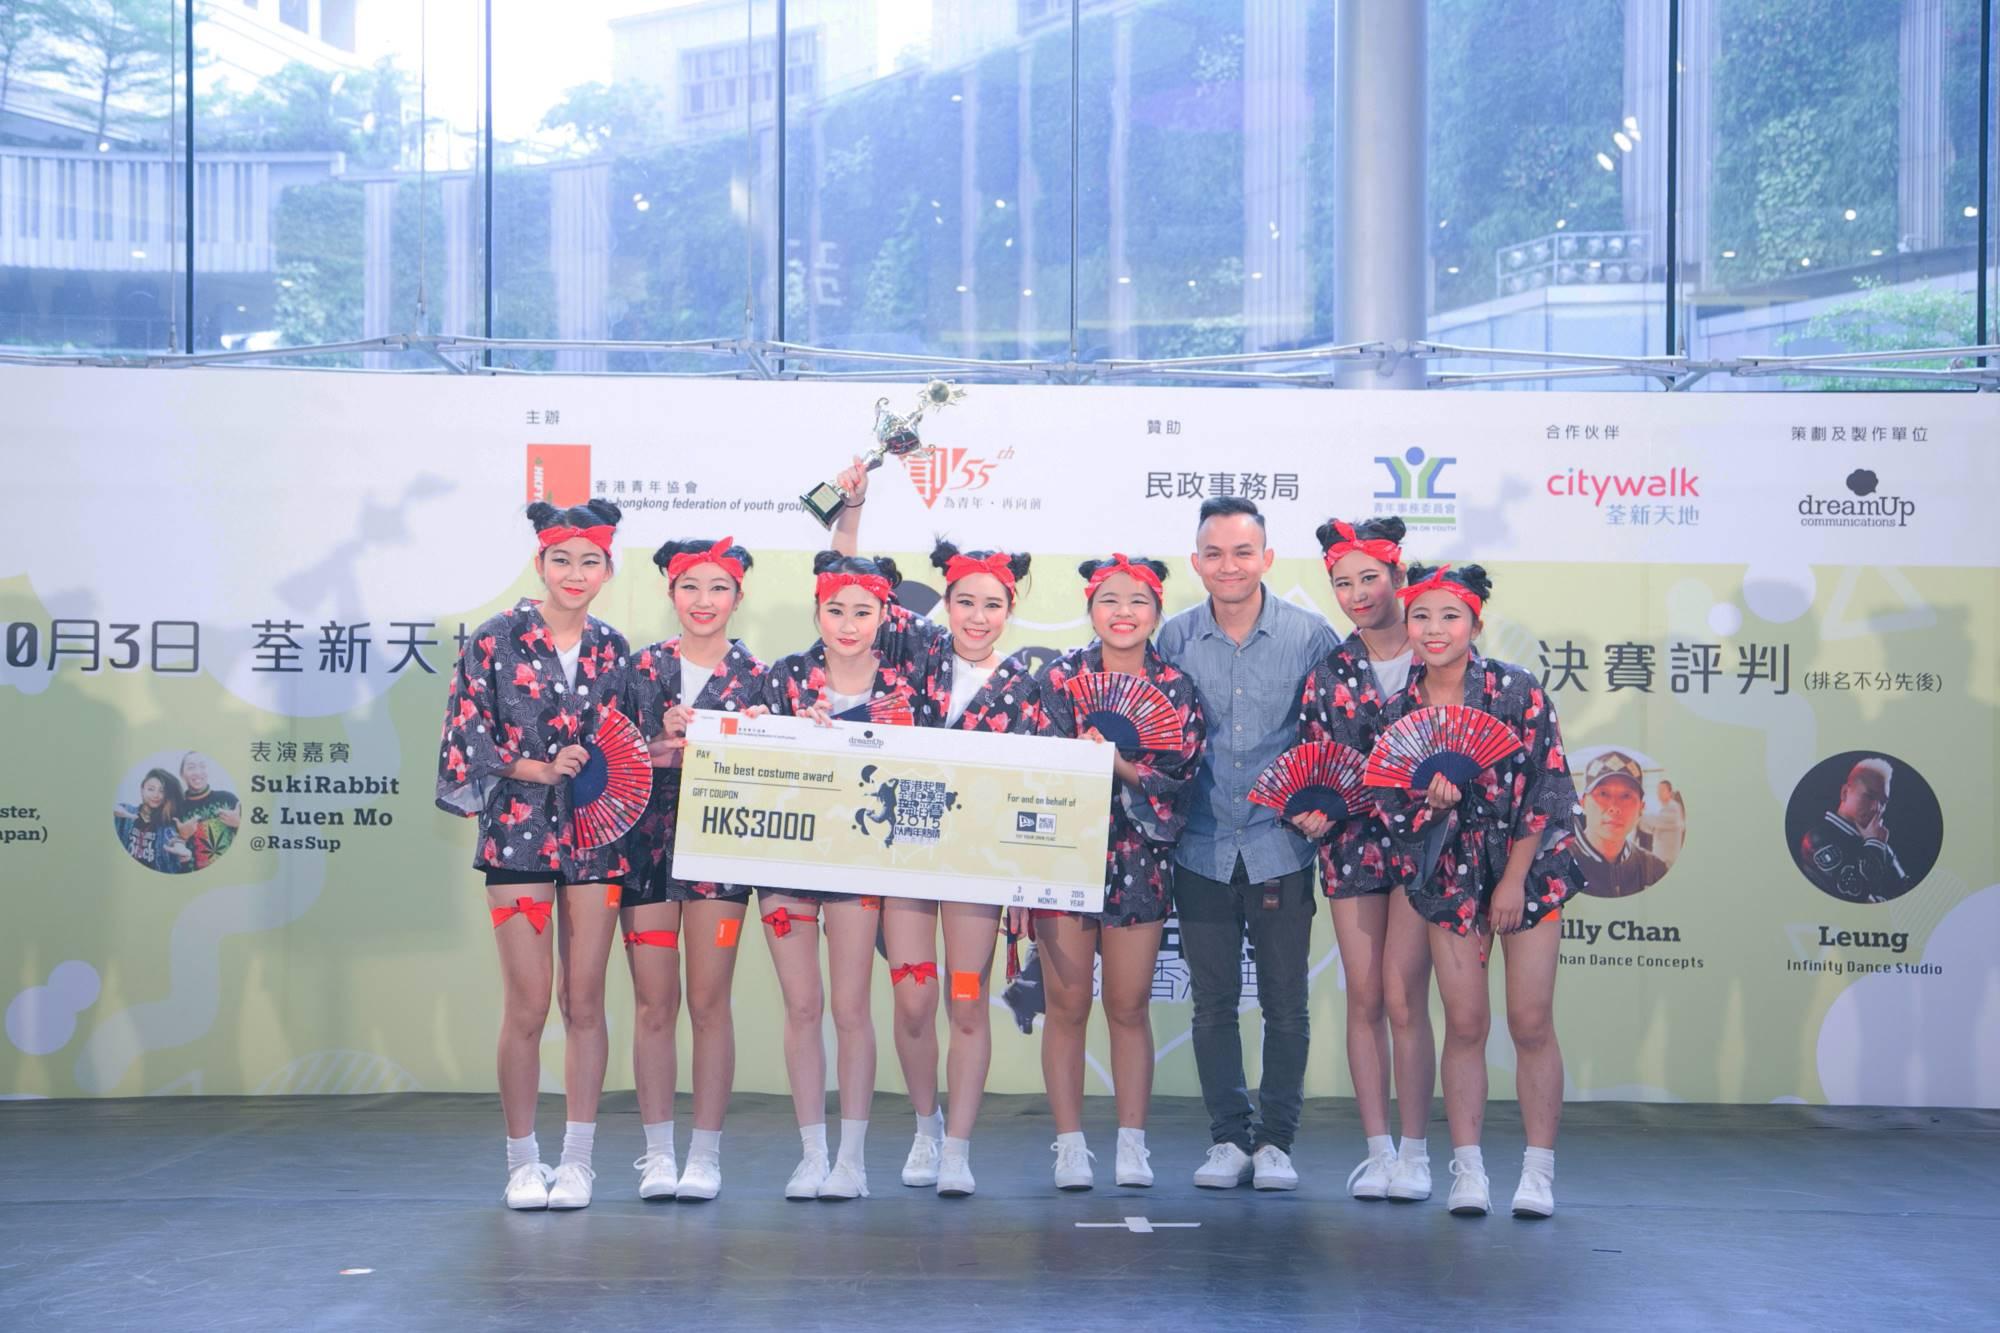 全港中學生舞蹈賽2015得獎隊伍 (2)